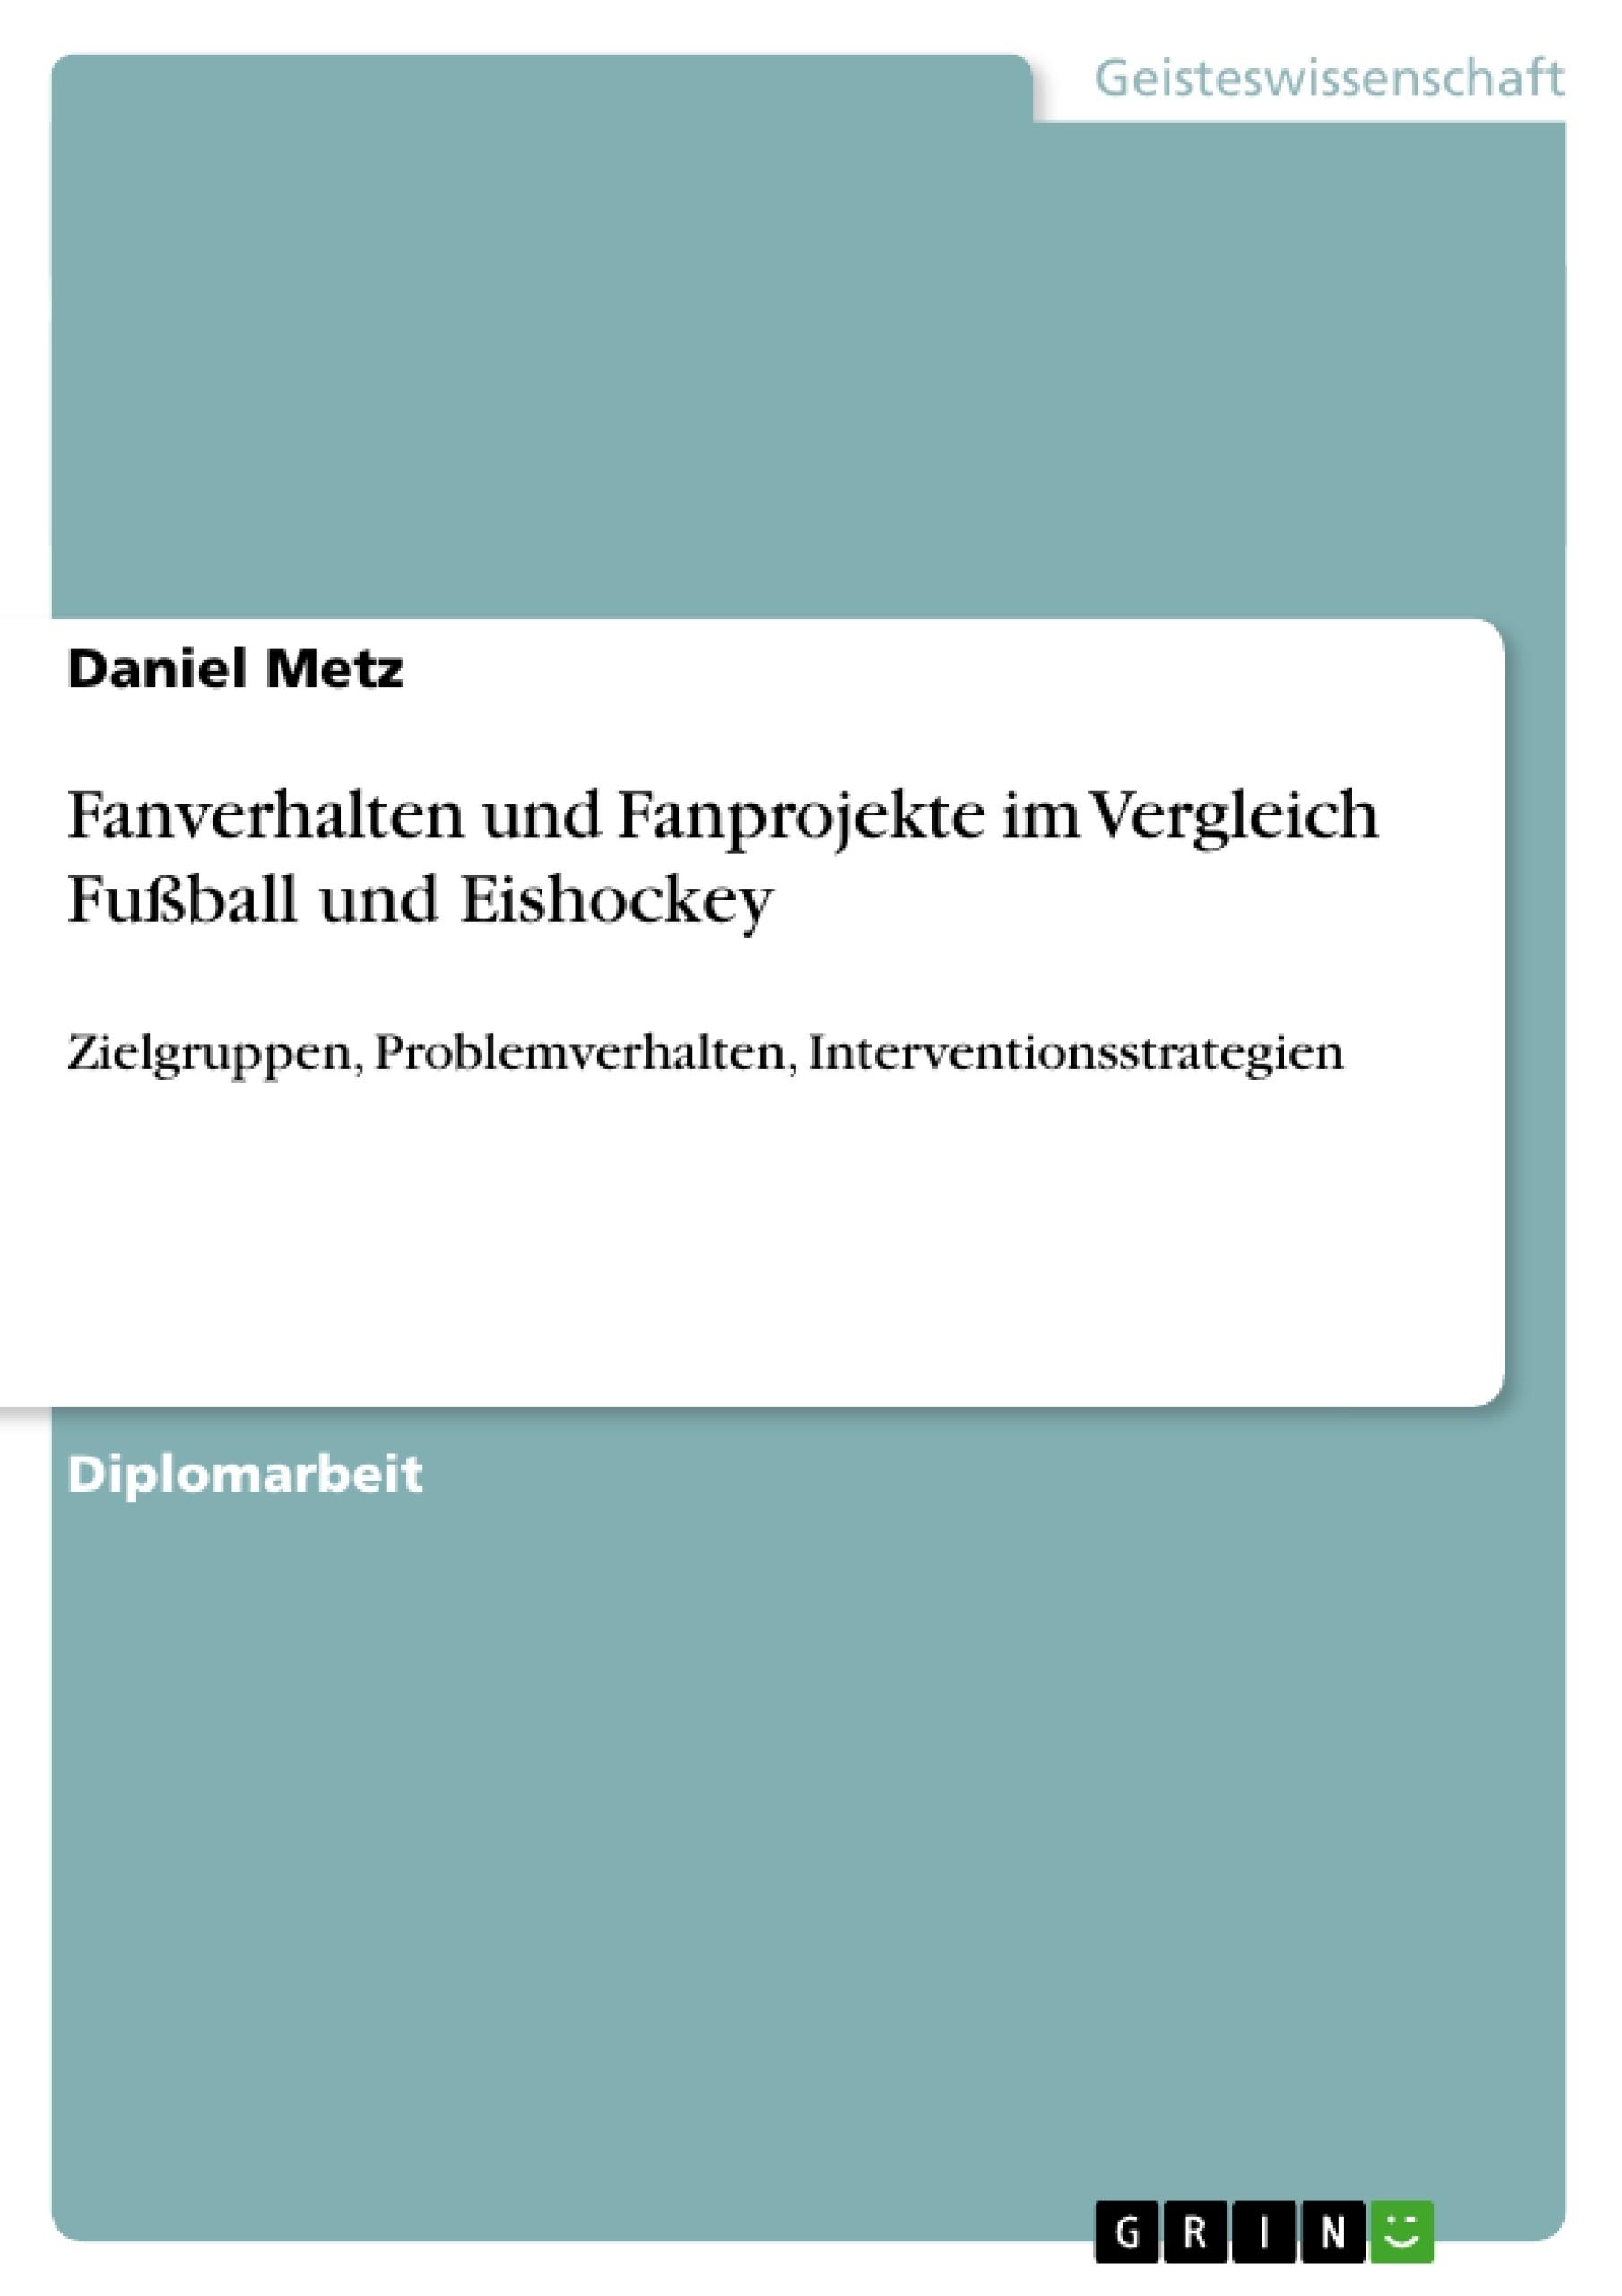 Titel: Fanverhalten und Fanprojekte im Vergleich Fußball und Eishockey